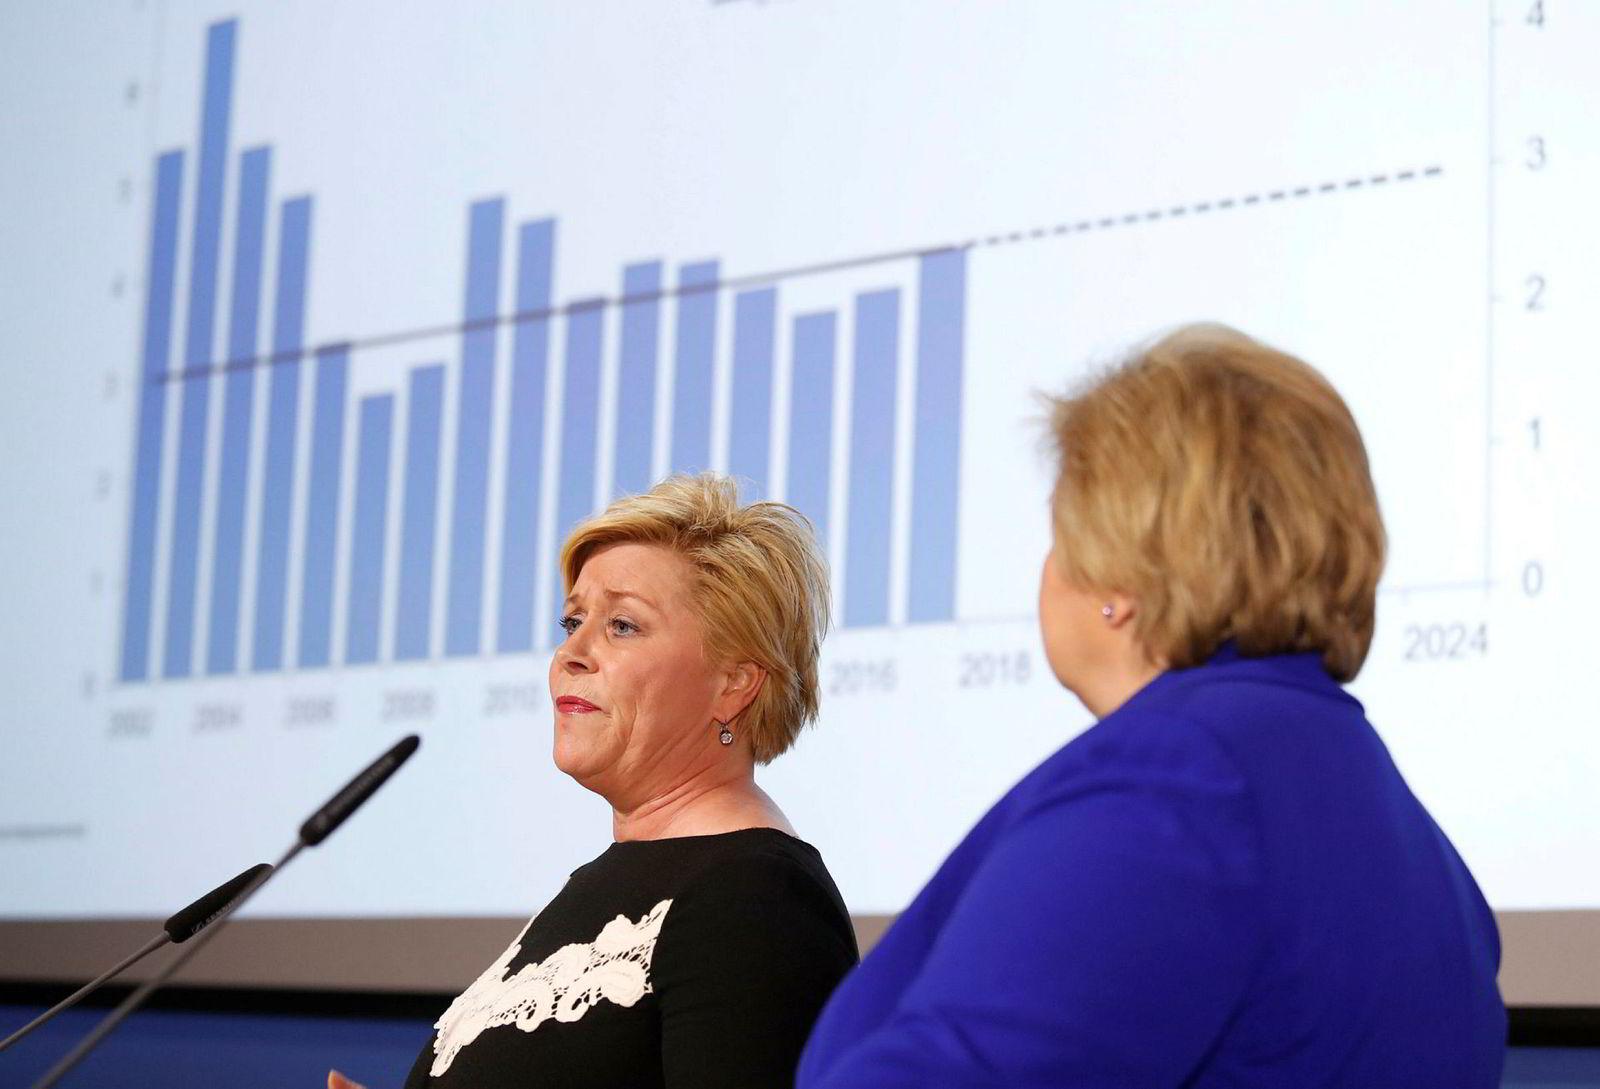 Statsminister Erna Solberg og finansminister Siv Jensen holder pressekonferanse om to viktige endringer for norsk finans- og pengepolitikk.